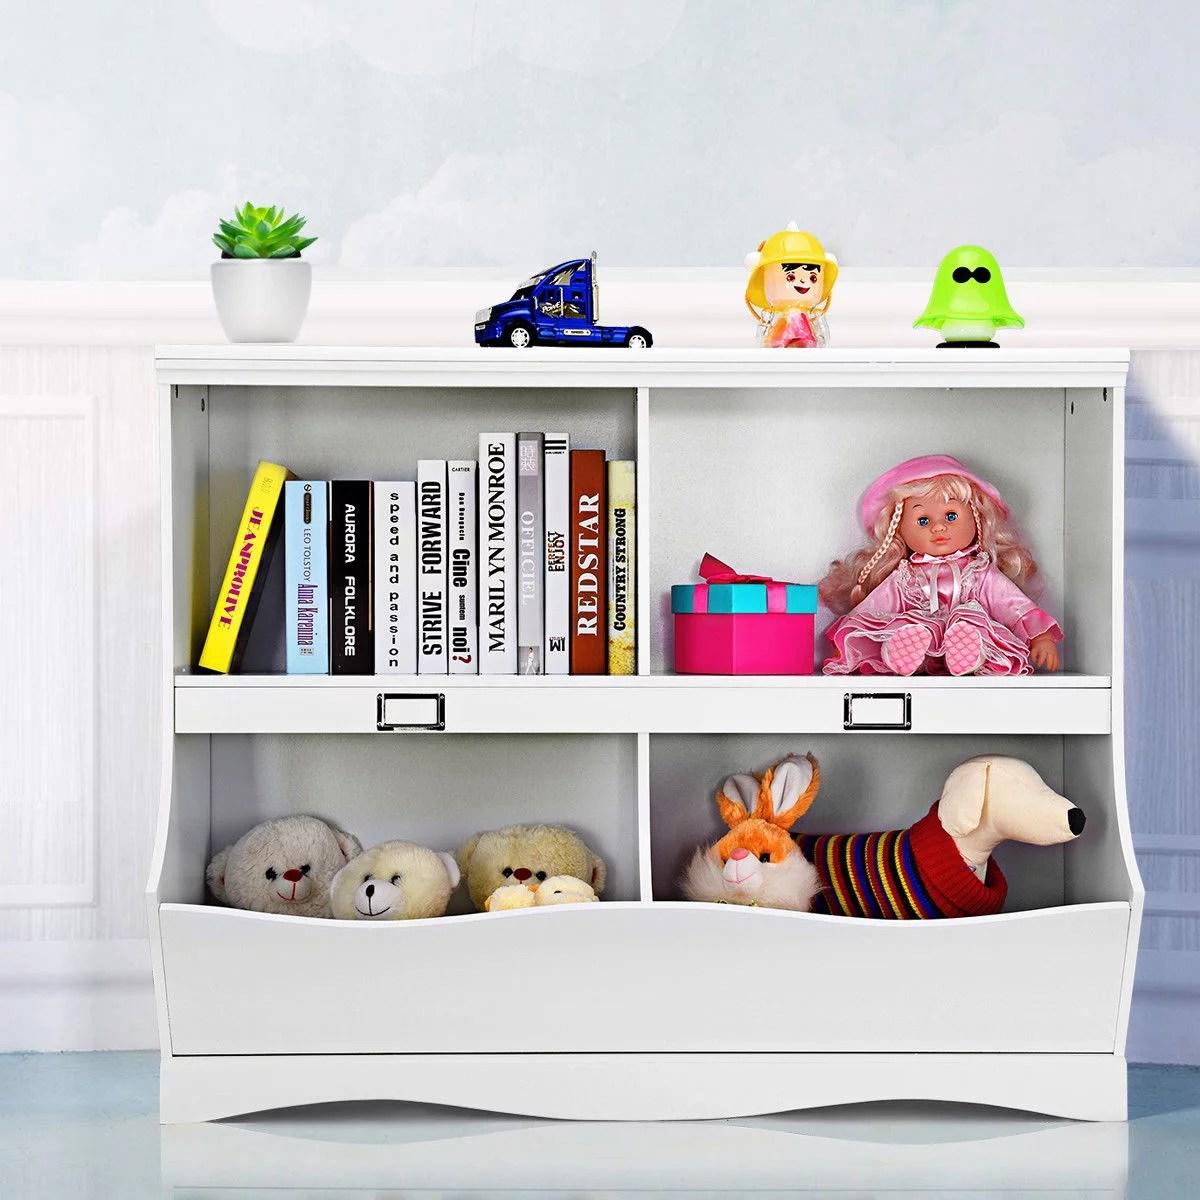 Gymax Children Storage Unit Kids Bookshelf Bookcase Baby Toy Organizer Shelf White